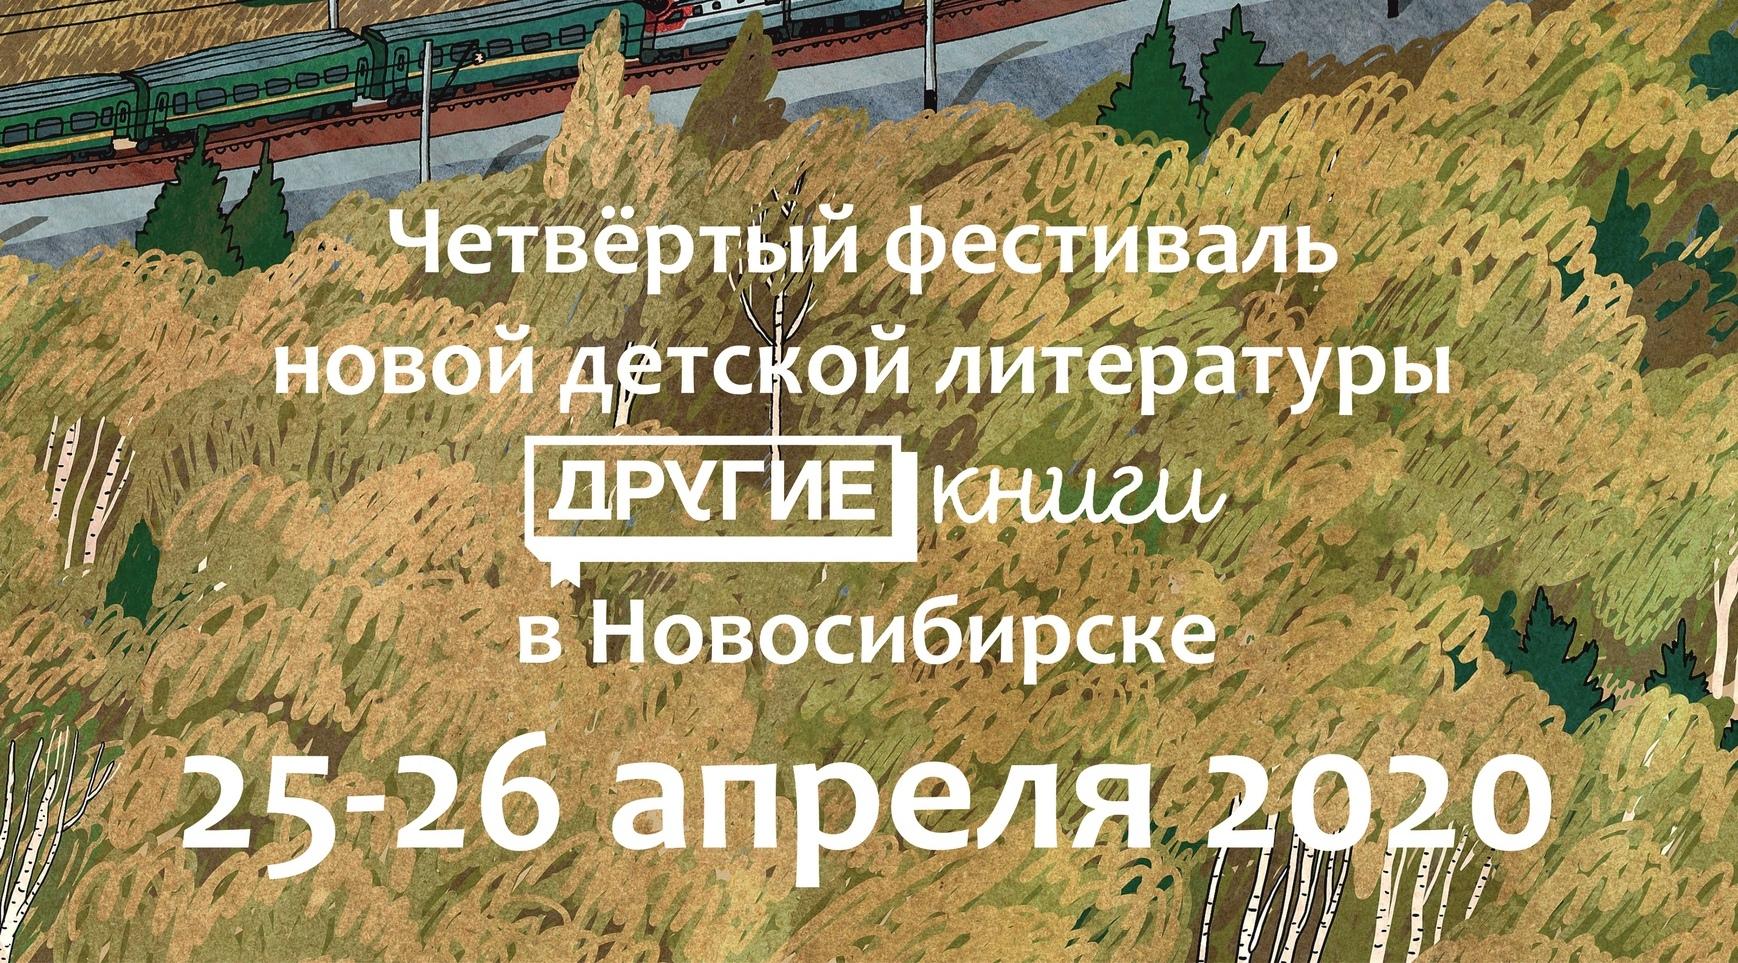 Фестиваль новой детской литературы «Другие книги»